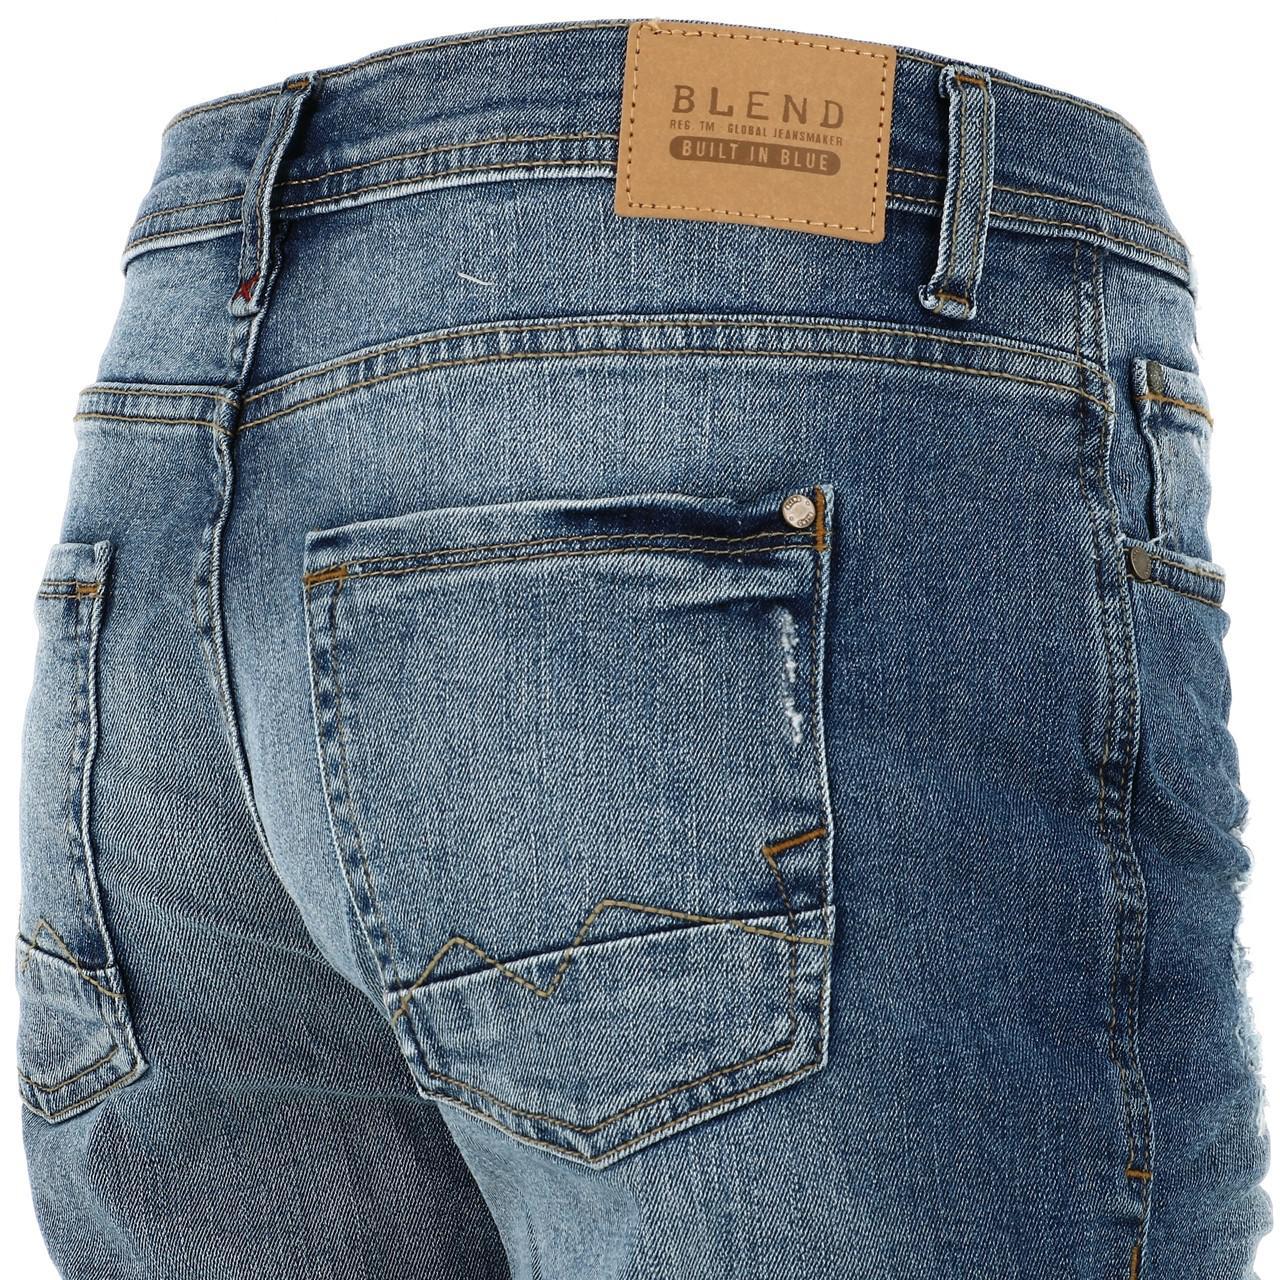 Bermuda-Shorts-Blend-Jork-Denim-Lt-Blue-Shorts-Blue-18056-New thumbnail 3